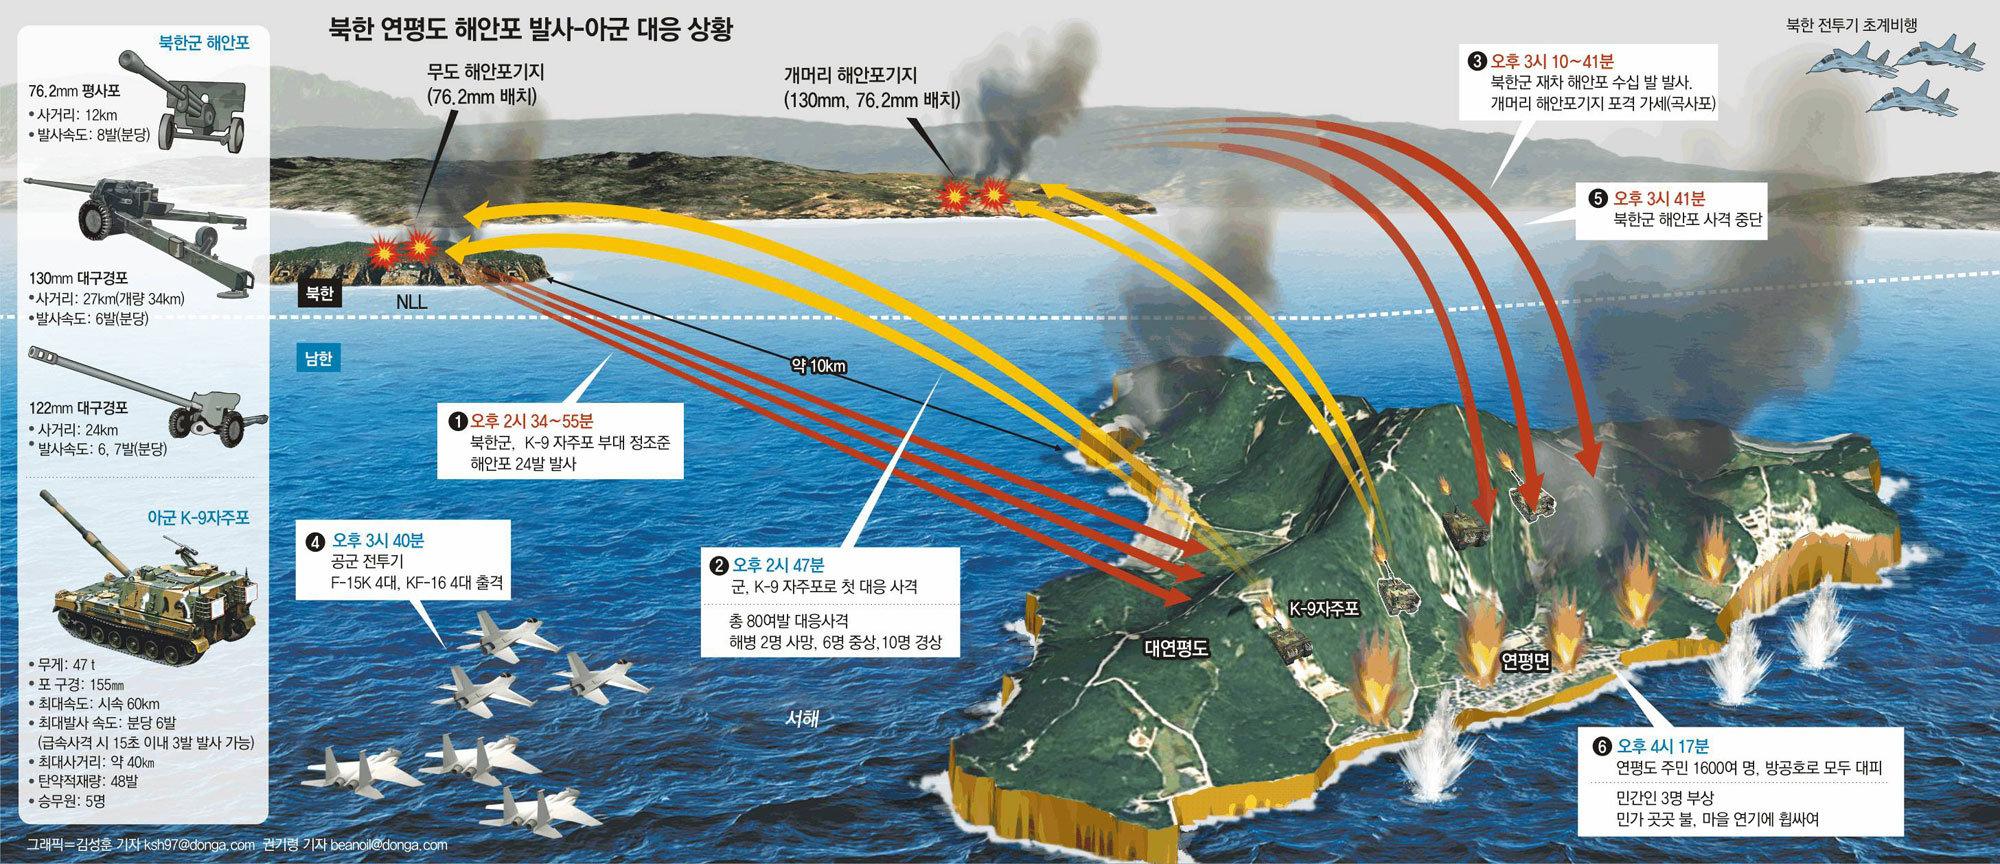 [北, 연평도 포격 도발]北포격-南대응 재구성 : 뉴스 : 동아닷컴